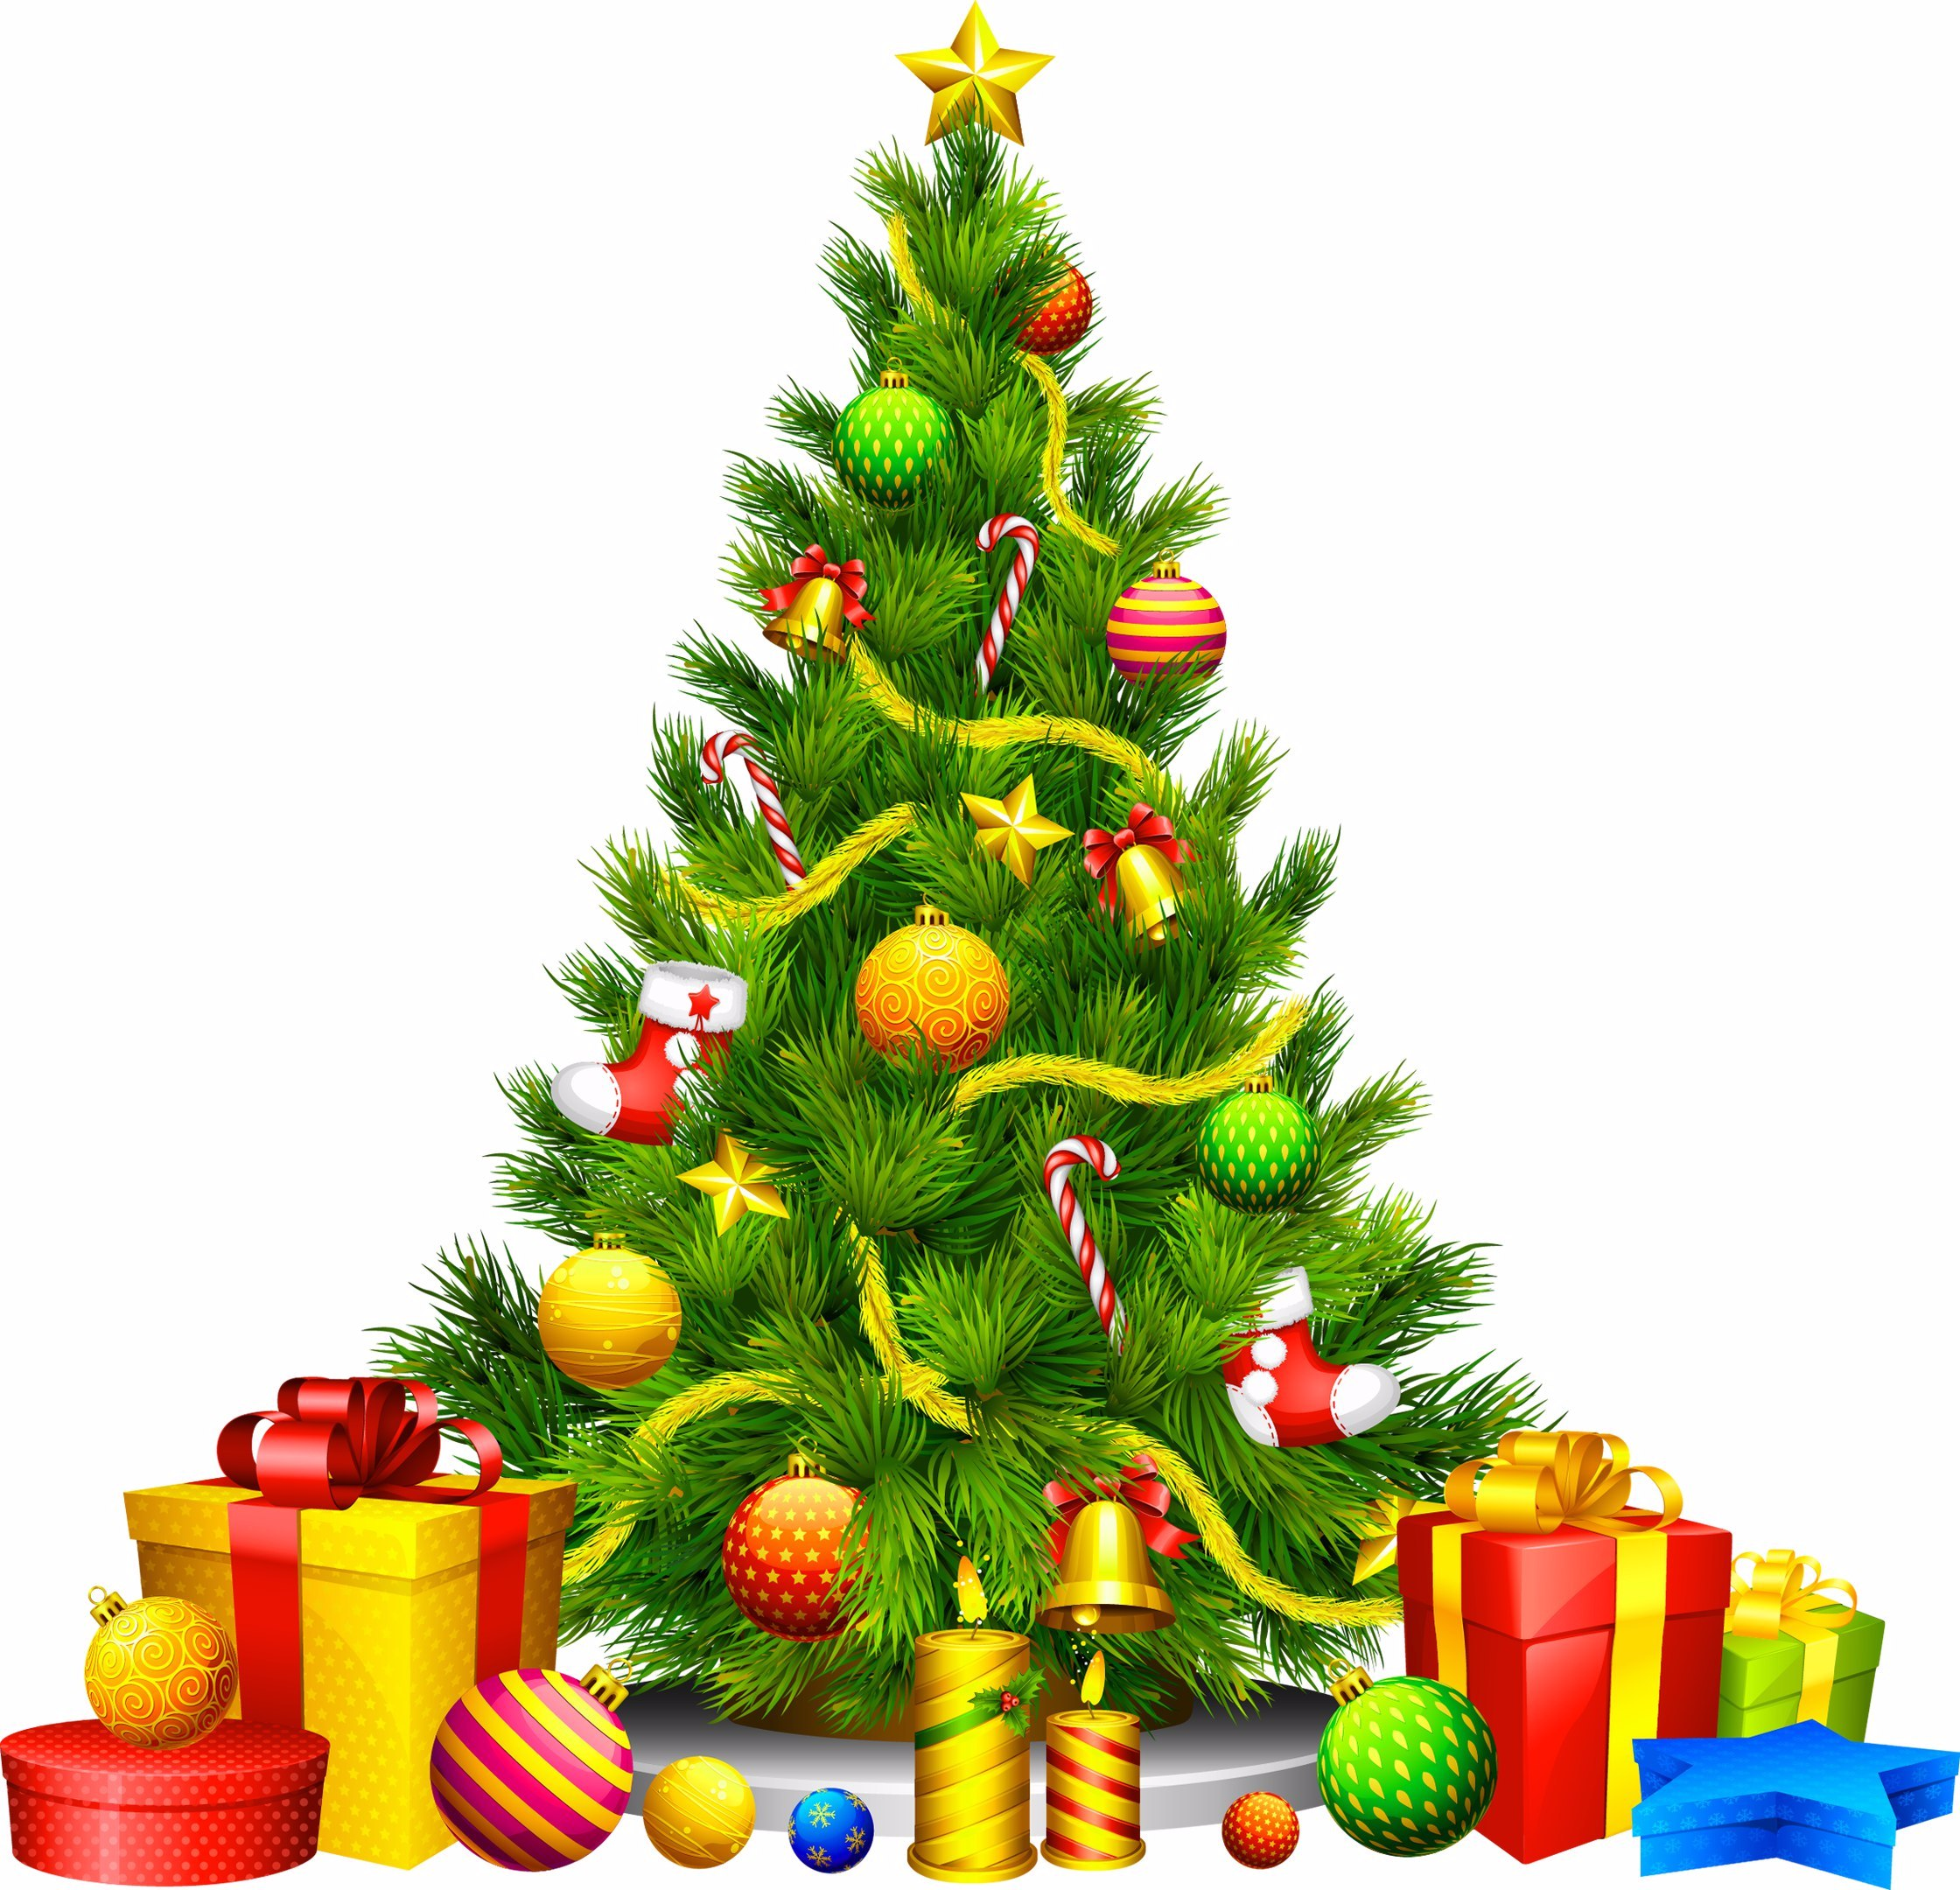 Поздравляем с Новым 2018 годом и Рождеством Христовым!